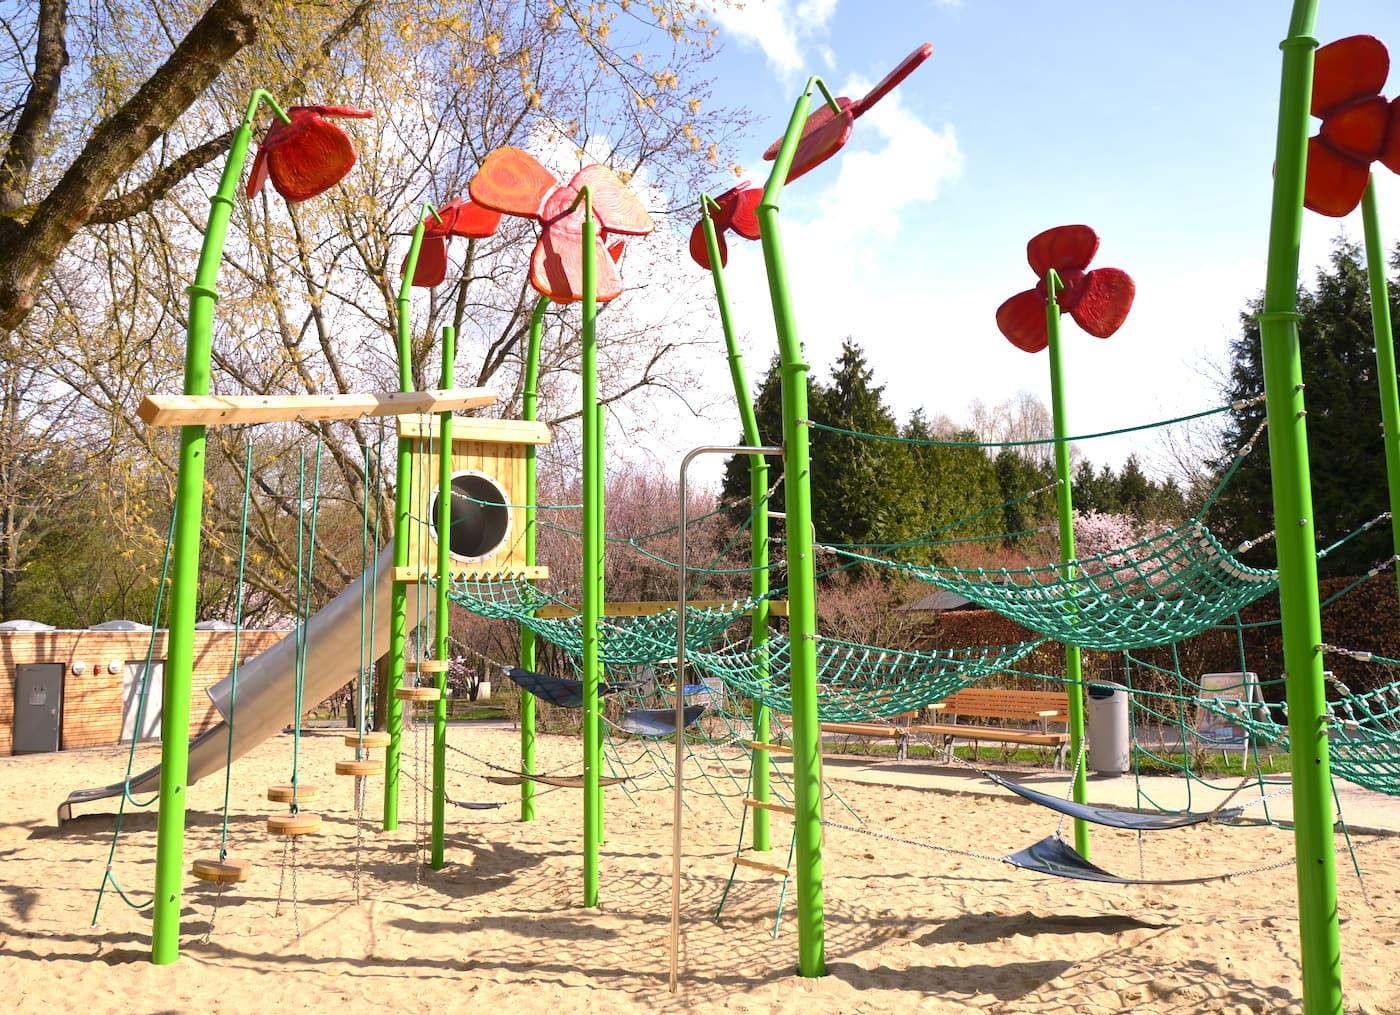 Neuer Spielplatz in den Gärten der Welt für Familien mit Kindern in Berlin // HIMBEER